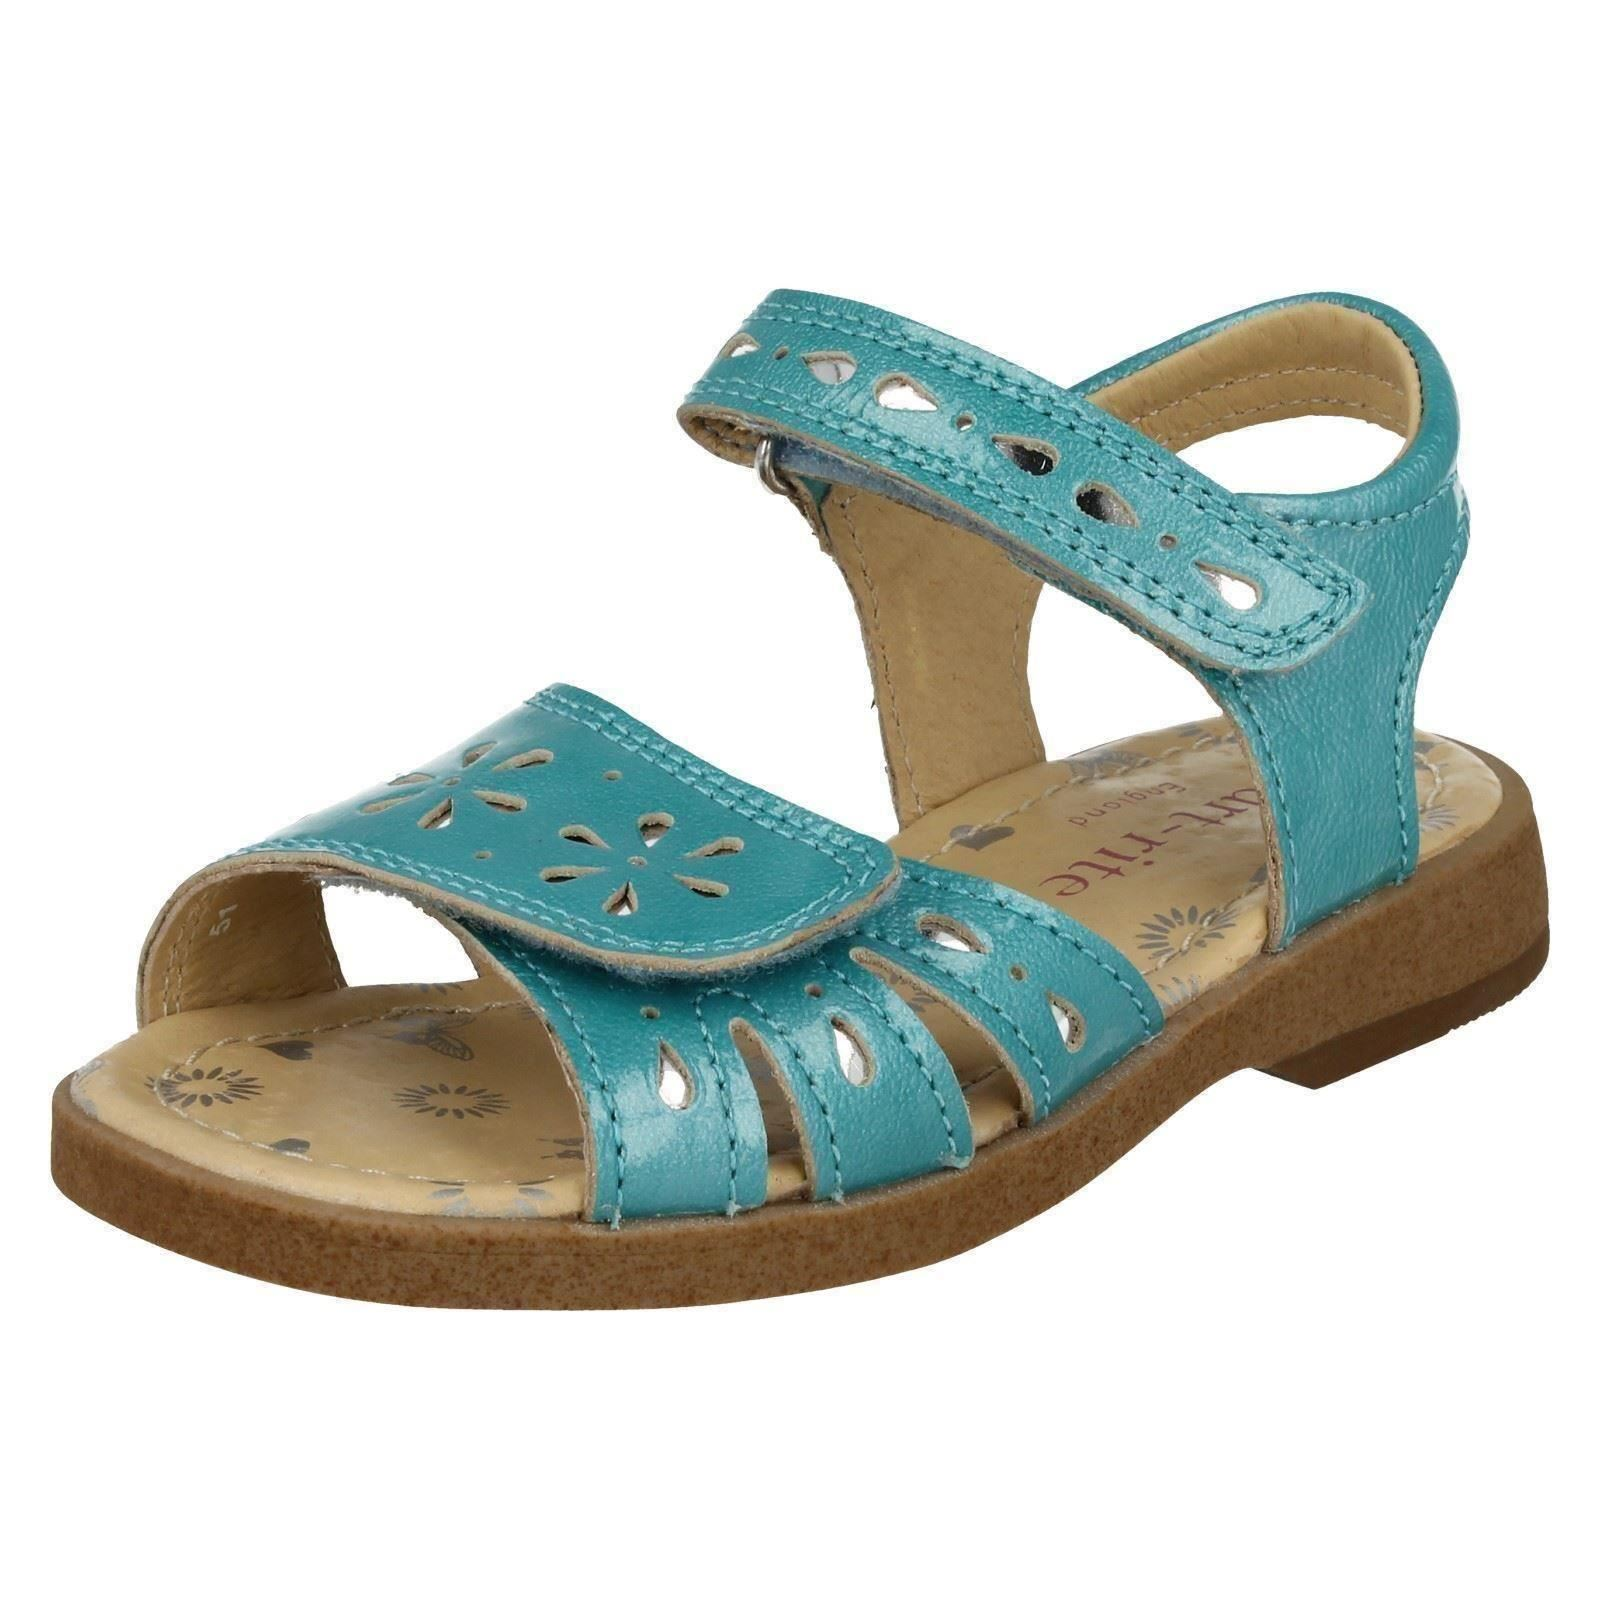 Girls Startrite Summer Sandals Honeysuckle